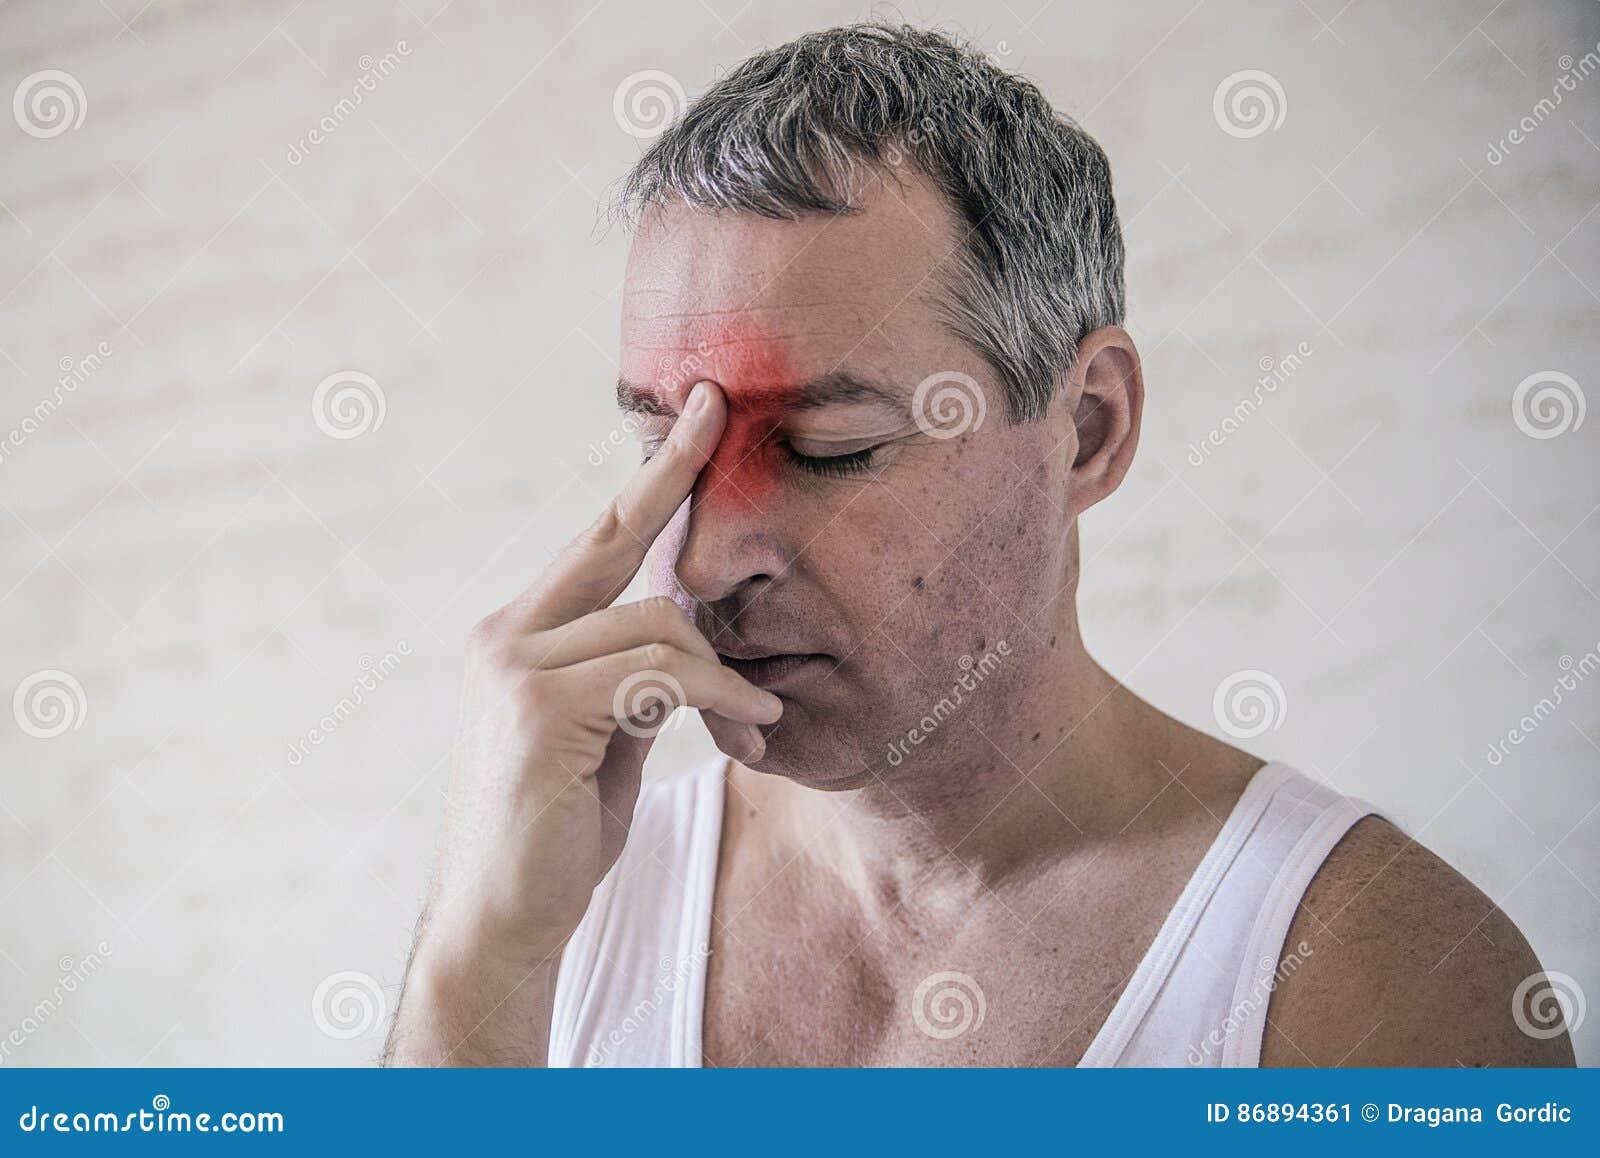 Opieka zdrowotna, ból, stres, wiek i ludzie pojęć, - dorośleć mężczyzna cierpienie od migreny w domu